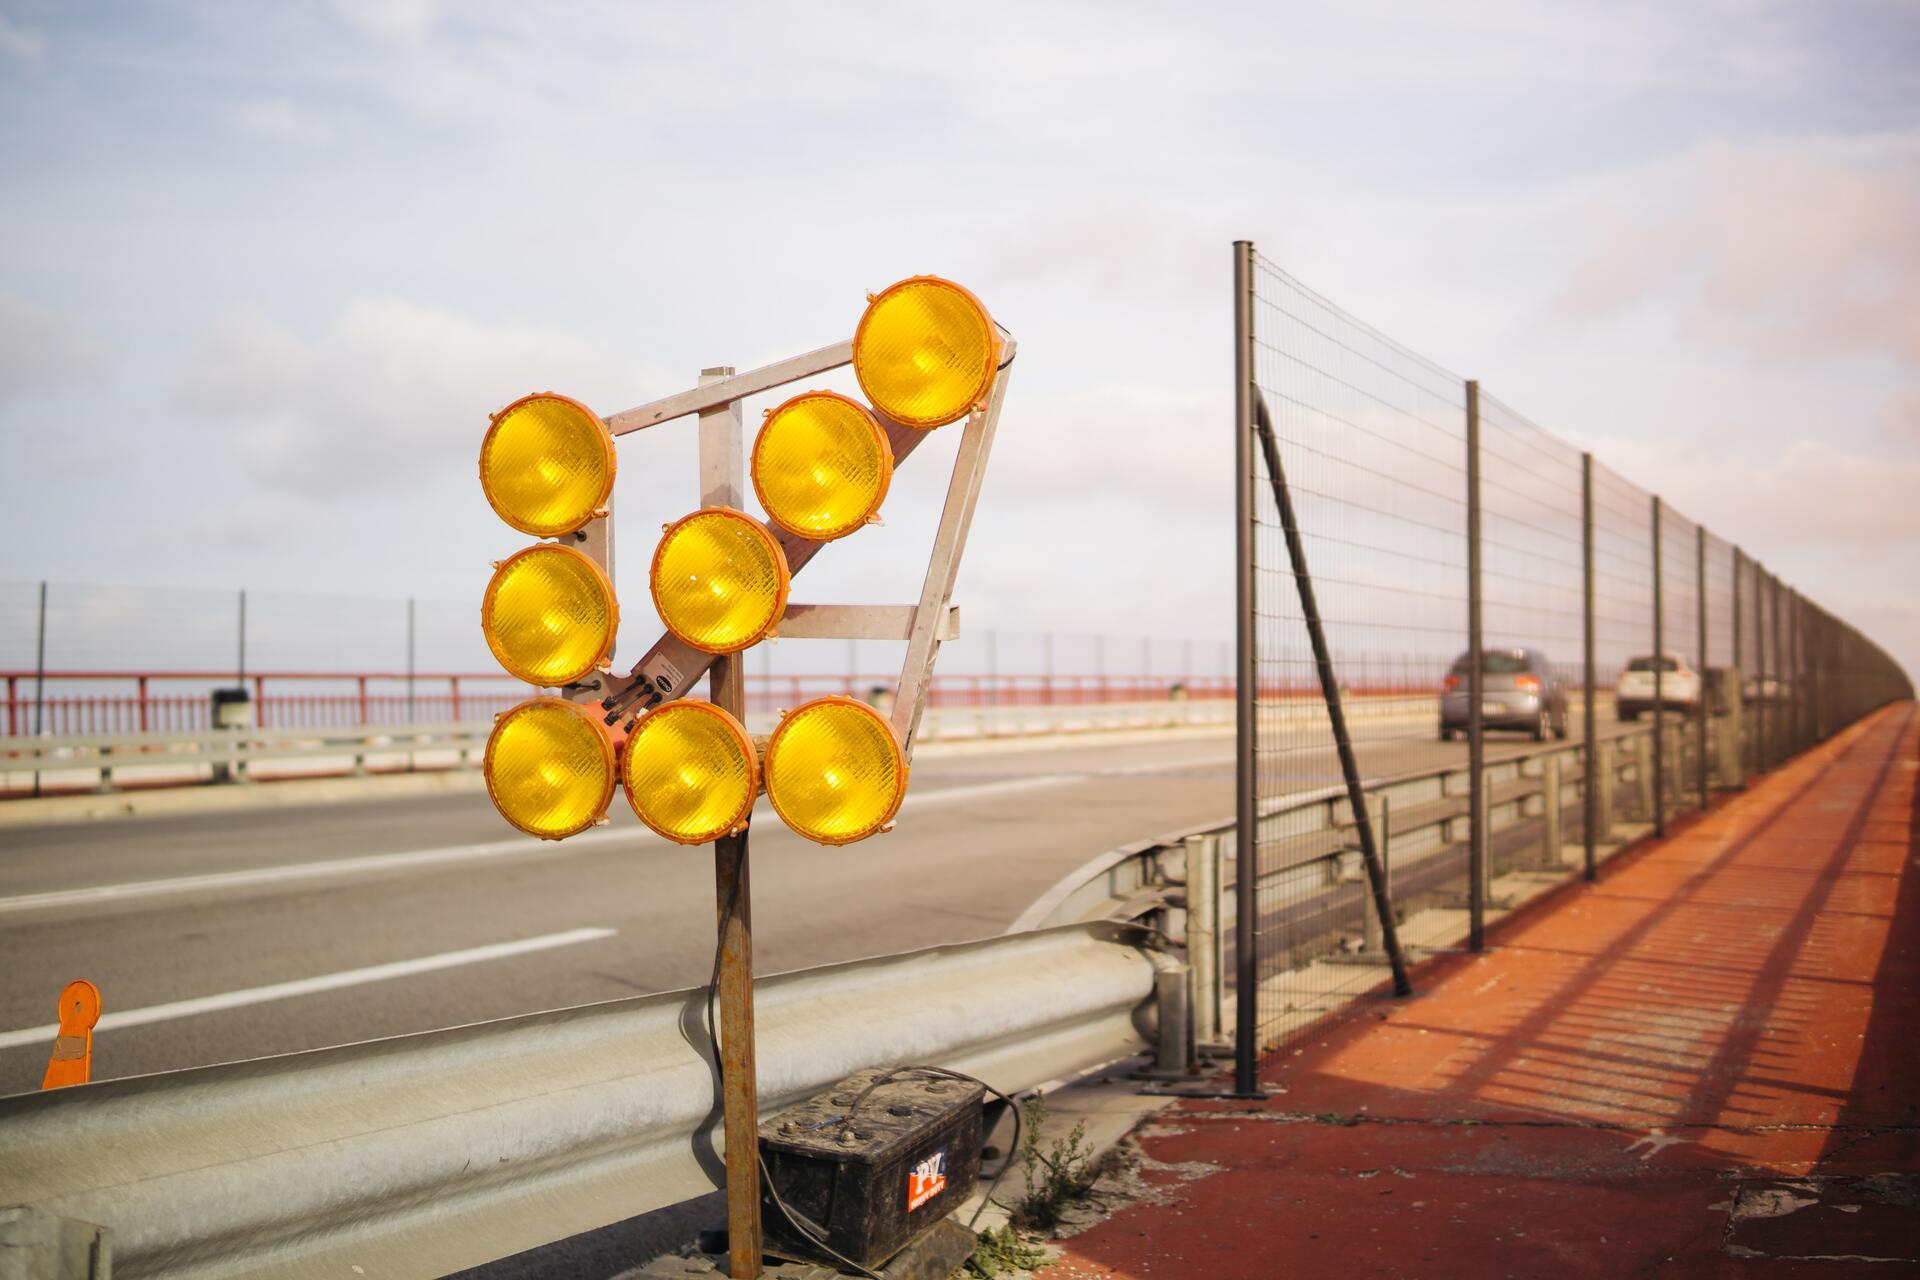 Chantier :Fermeture de l'A7 ce week-end entre Mierscherbierg et Colmar-Berg